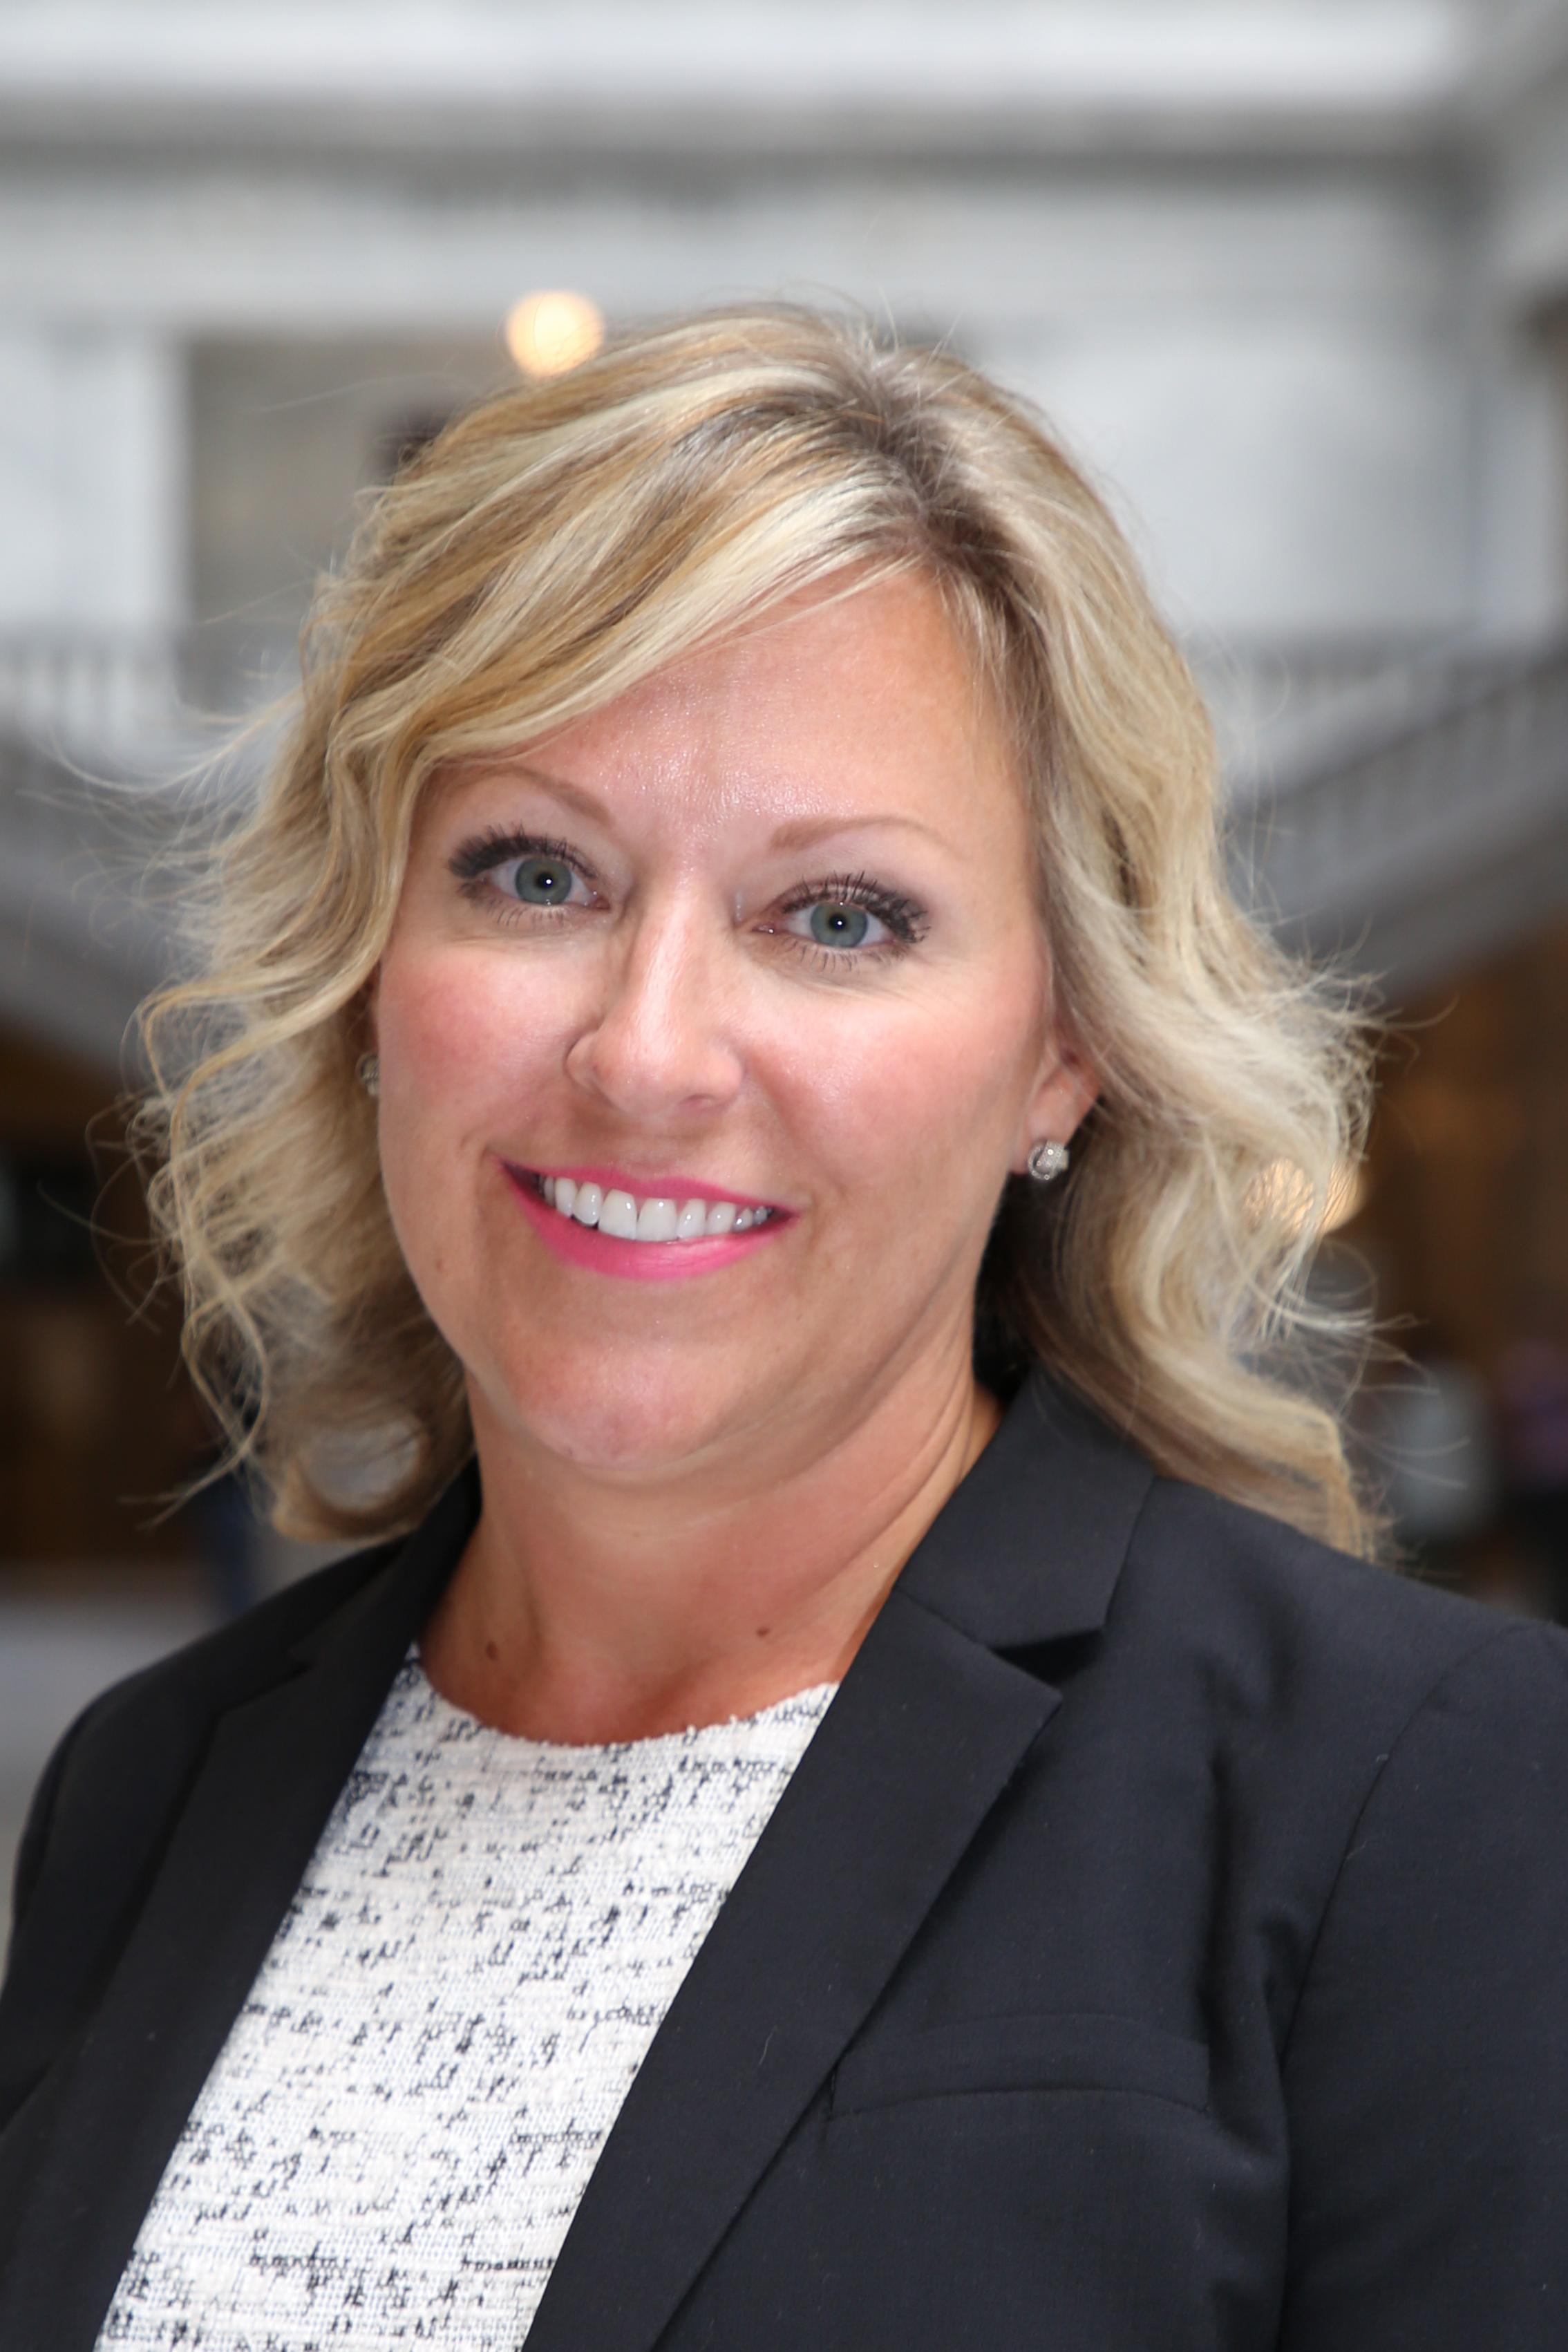 Chelsea Koch